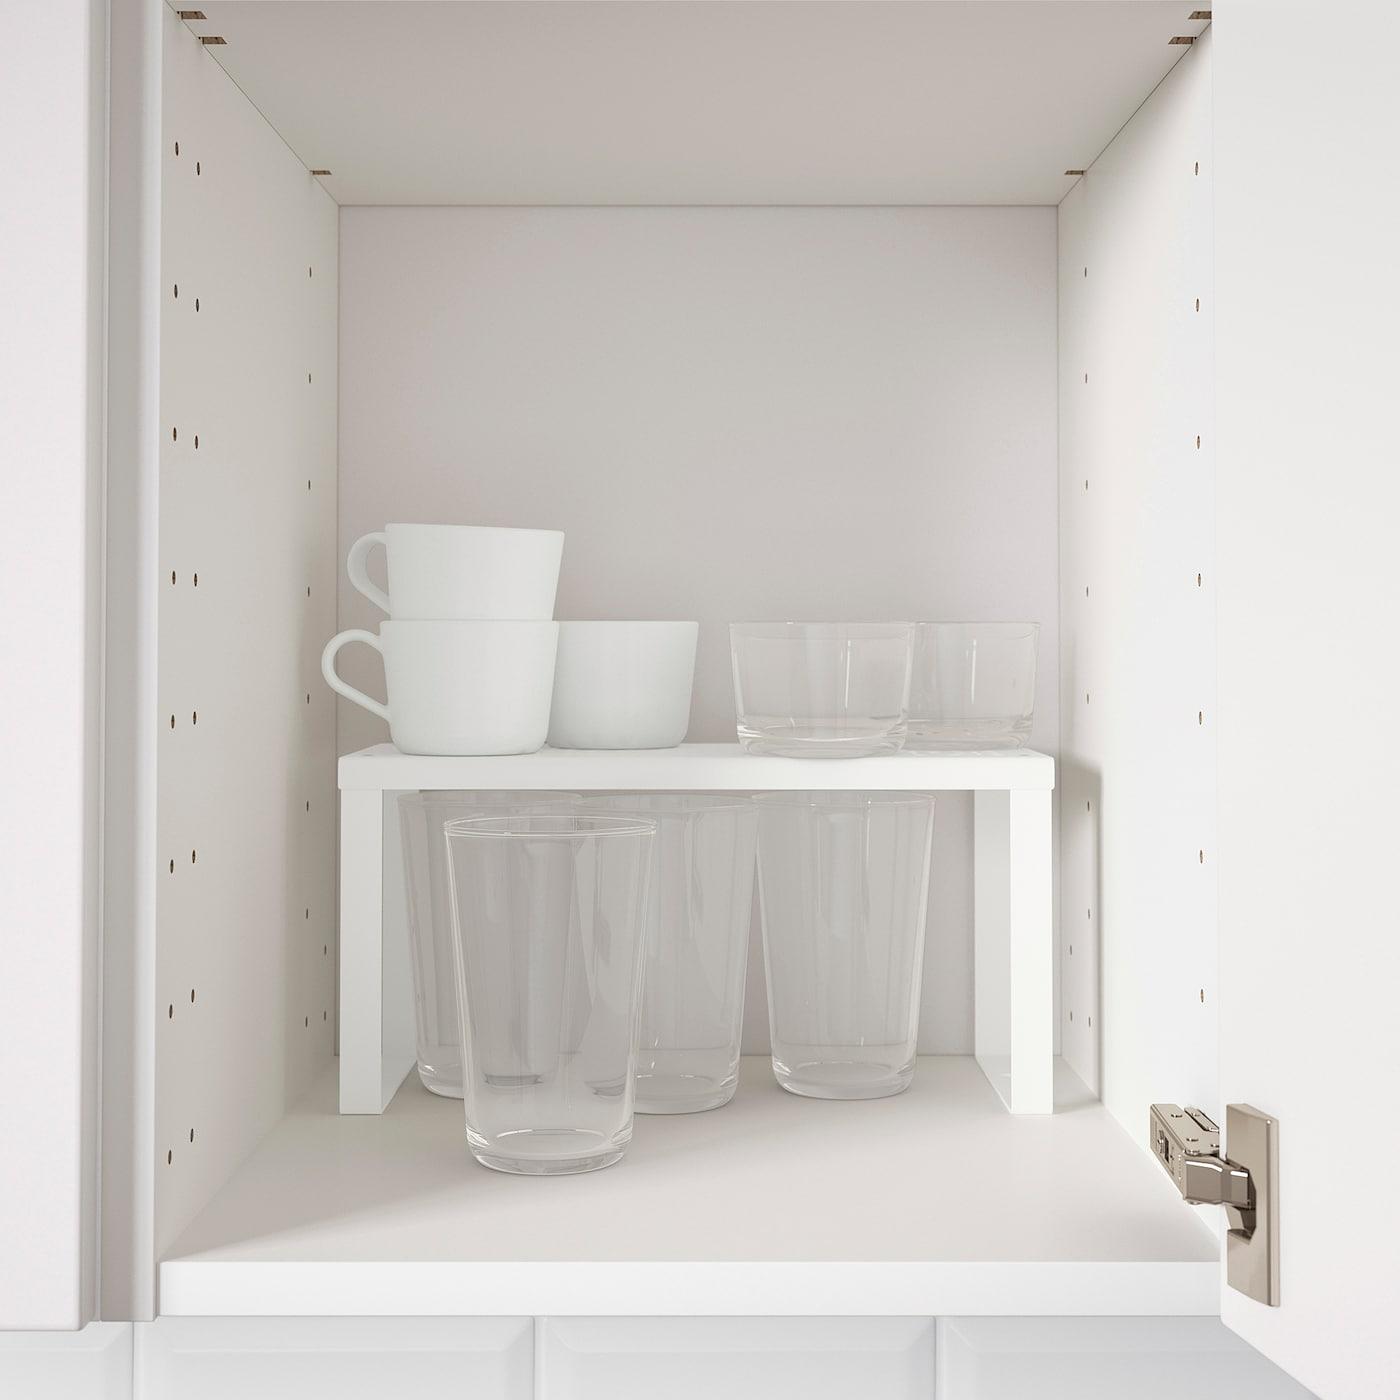 Full Size of Variera Regaleinsatz Ikea Sofa Mit Schlaffunktion Miniküche Küche Kosten Betten 160x200 Kaufen Modulküche Bei Wohnzimmer Küchenregal Ikea